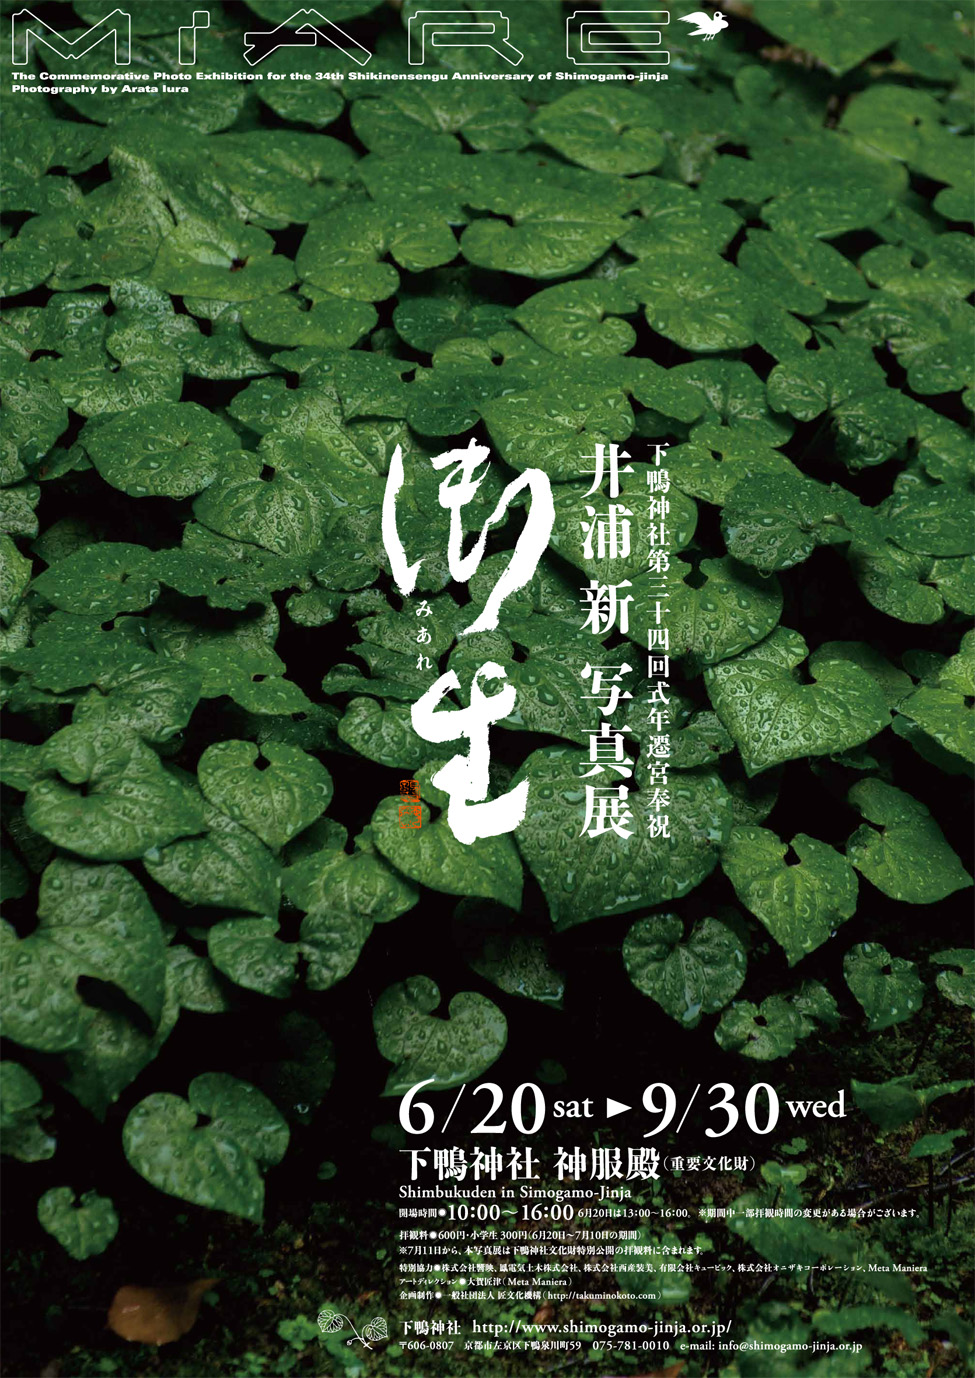 京都下鴨神社 式年遷宮写真展 会場デザイン